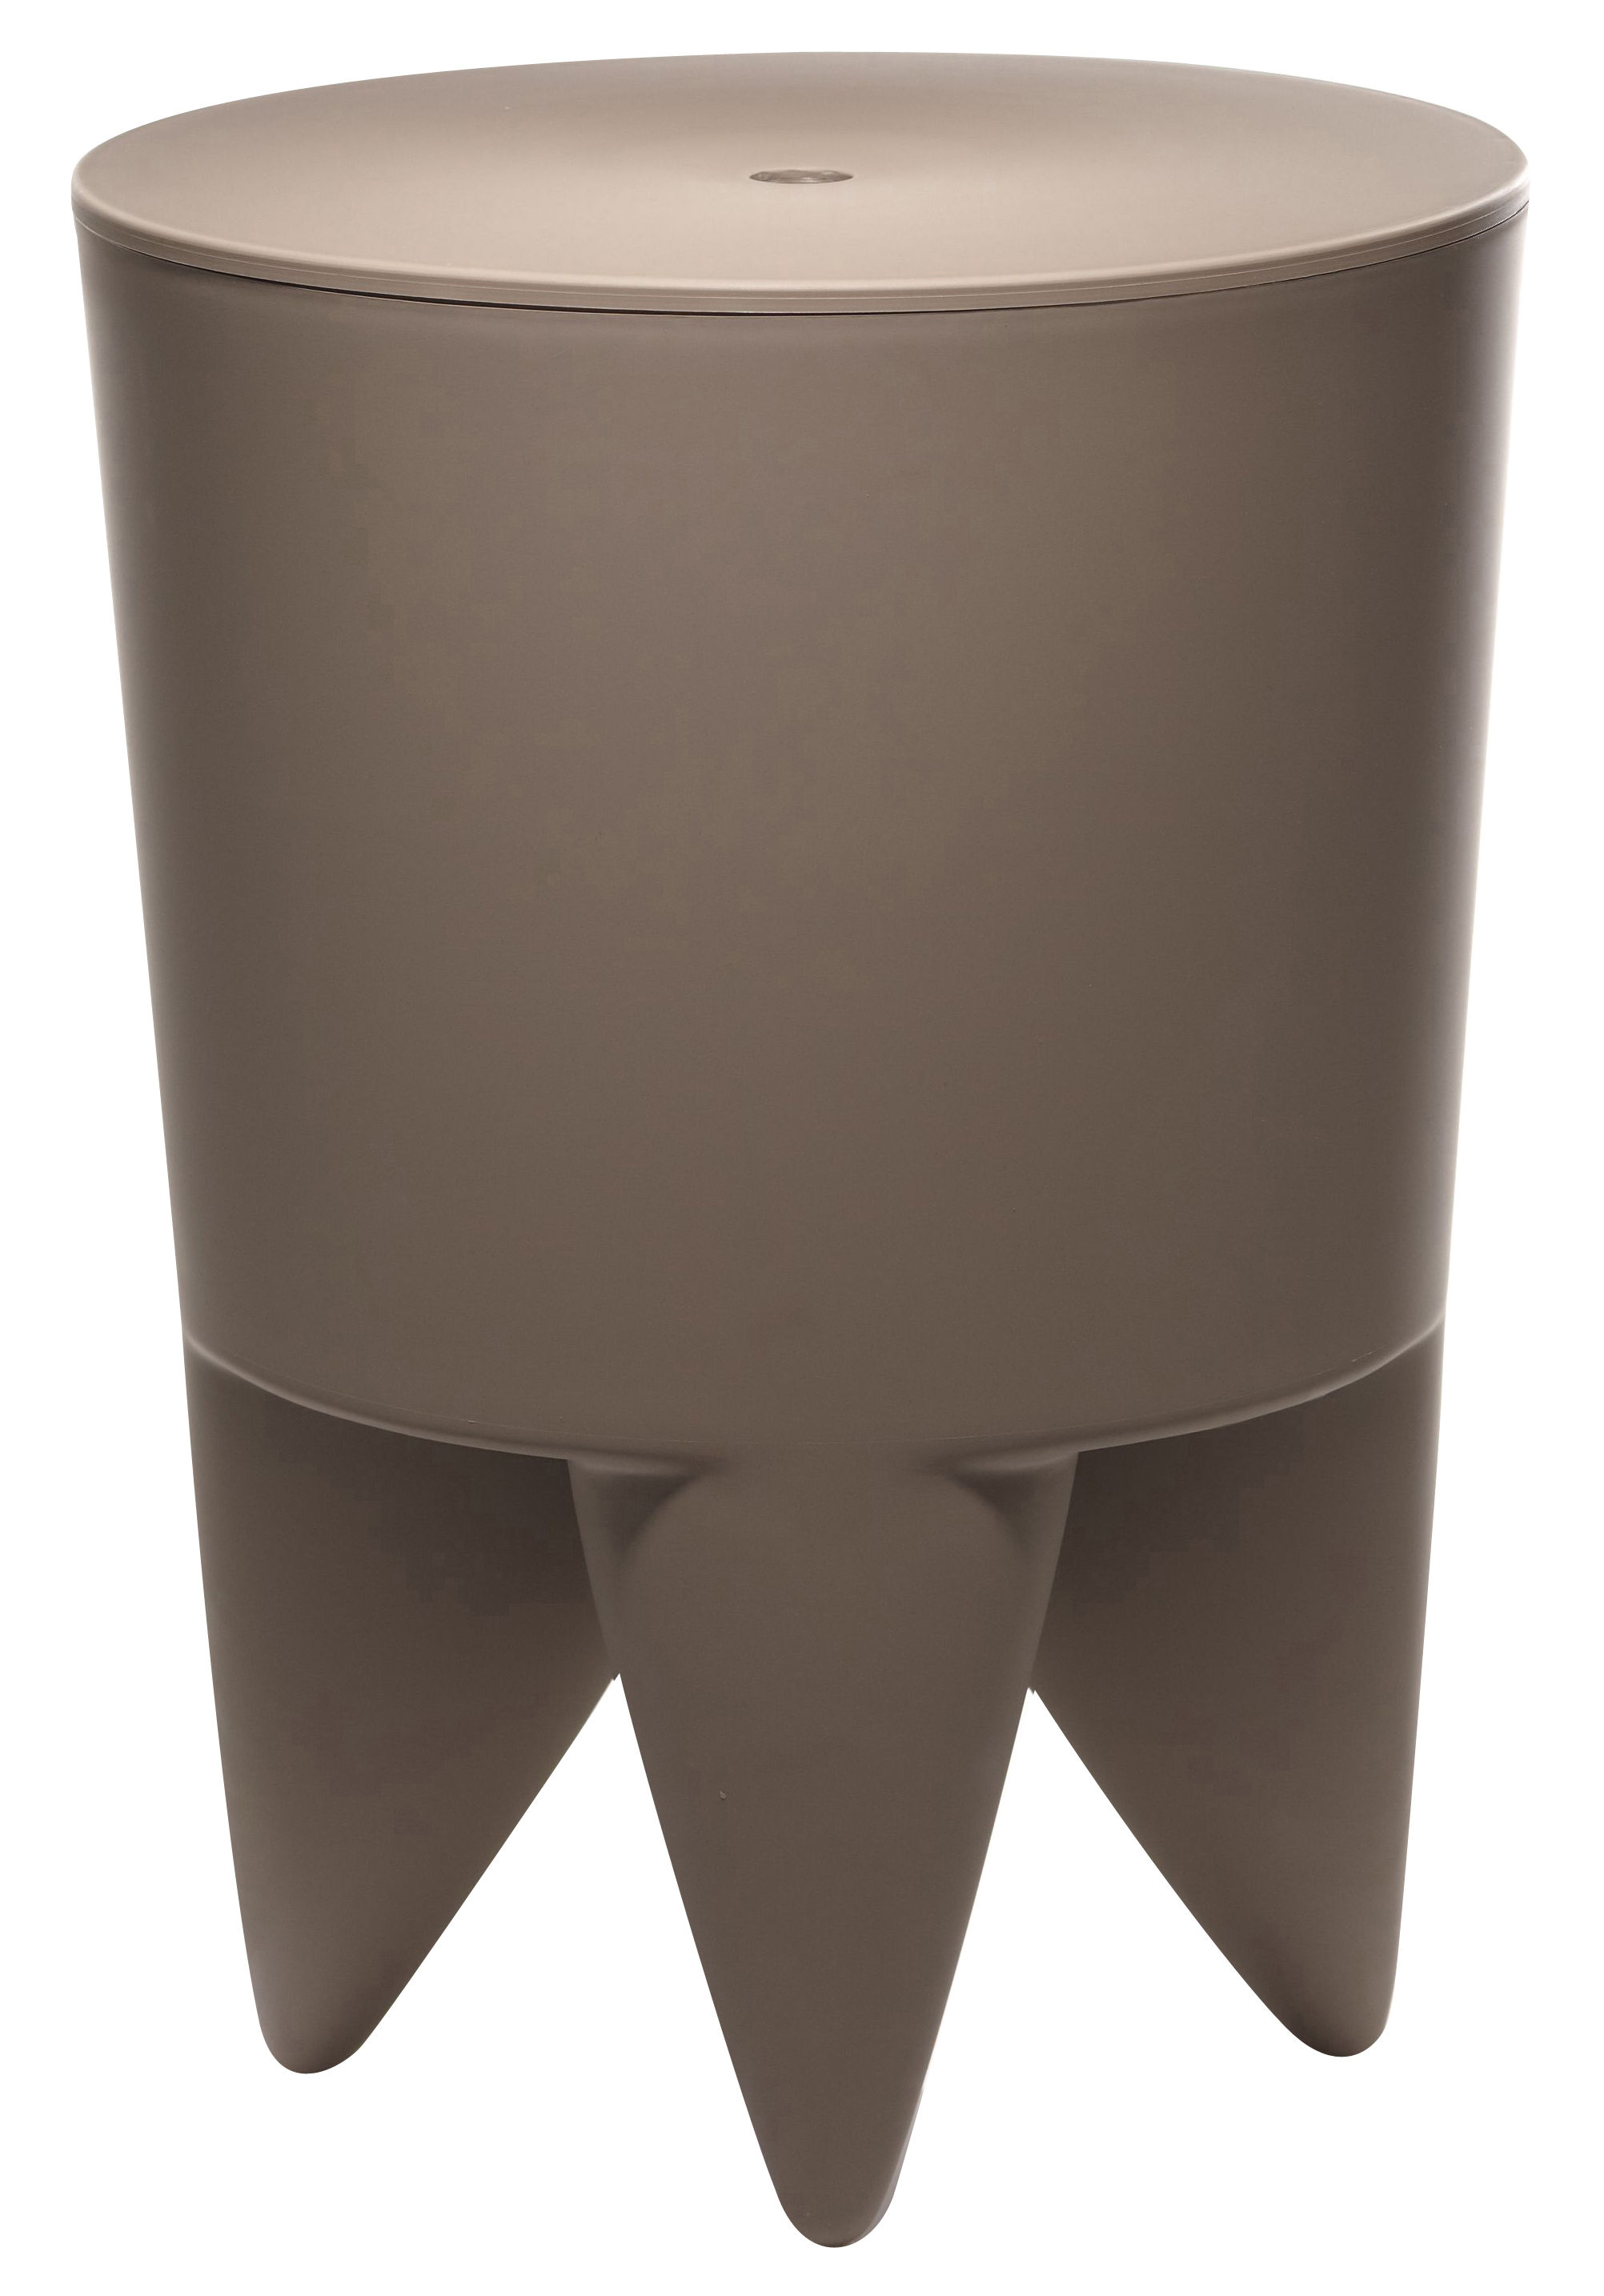 tabouret new bubu 1er opaque mushroom xo. Black Bedroom Furniture Sets. Home Design Ideas